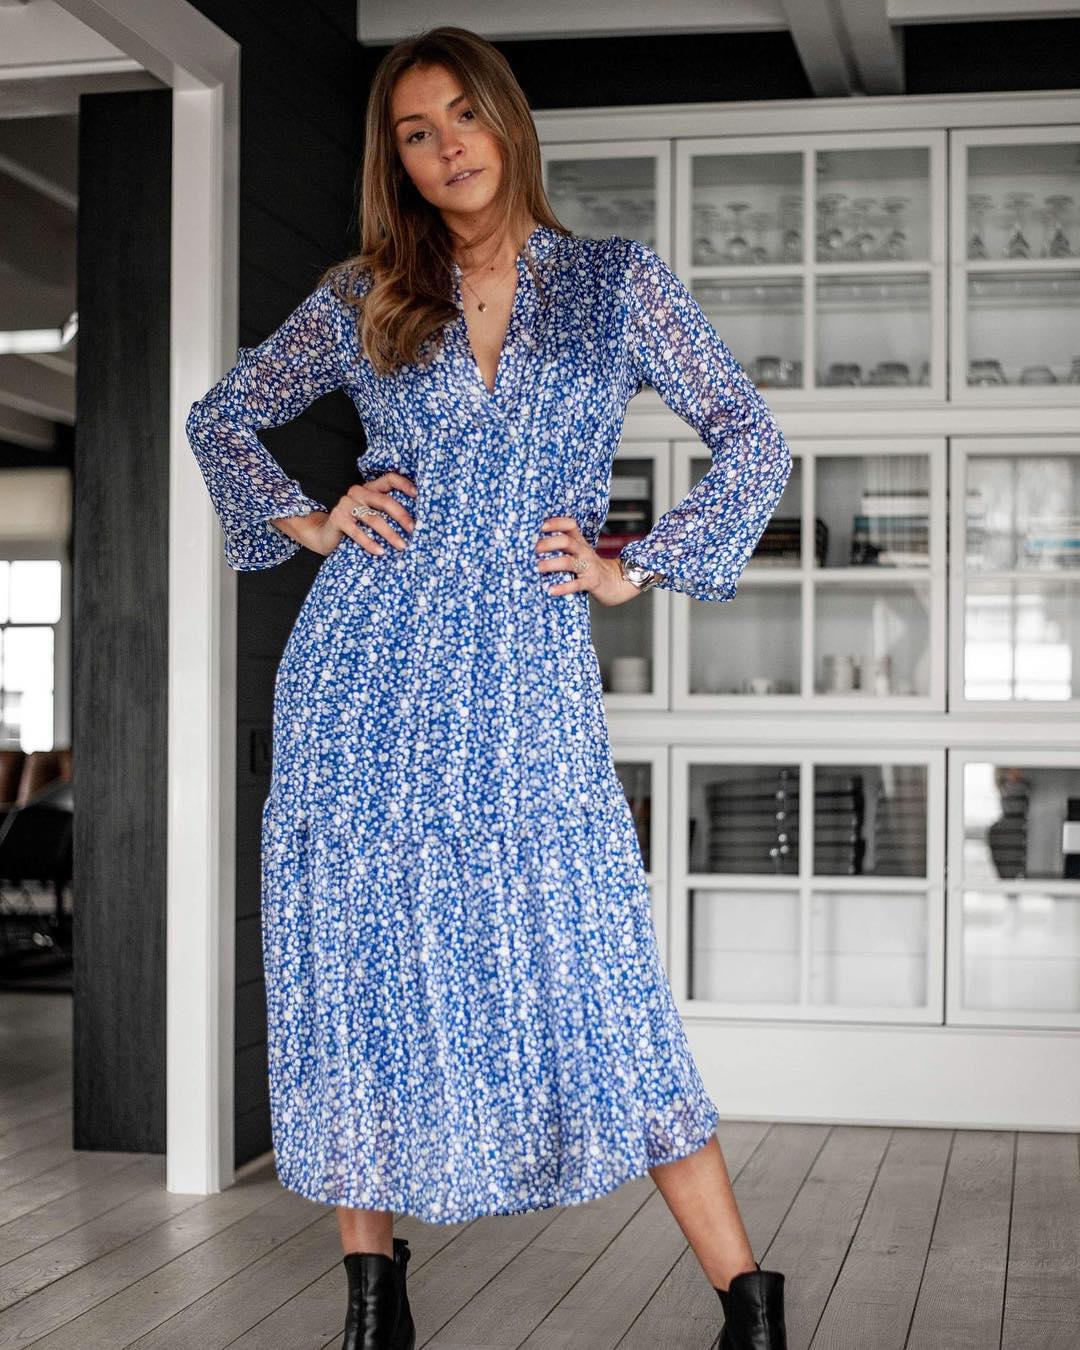 longue robe bleue jenny de Les Bourgeoises sur scanlesbourgeoises